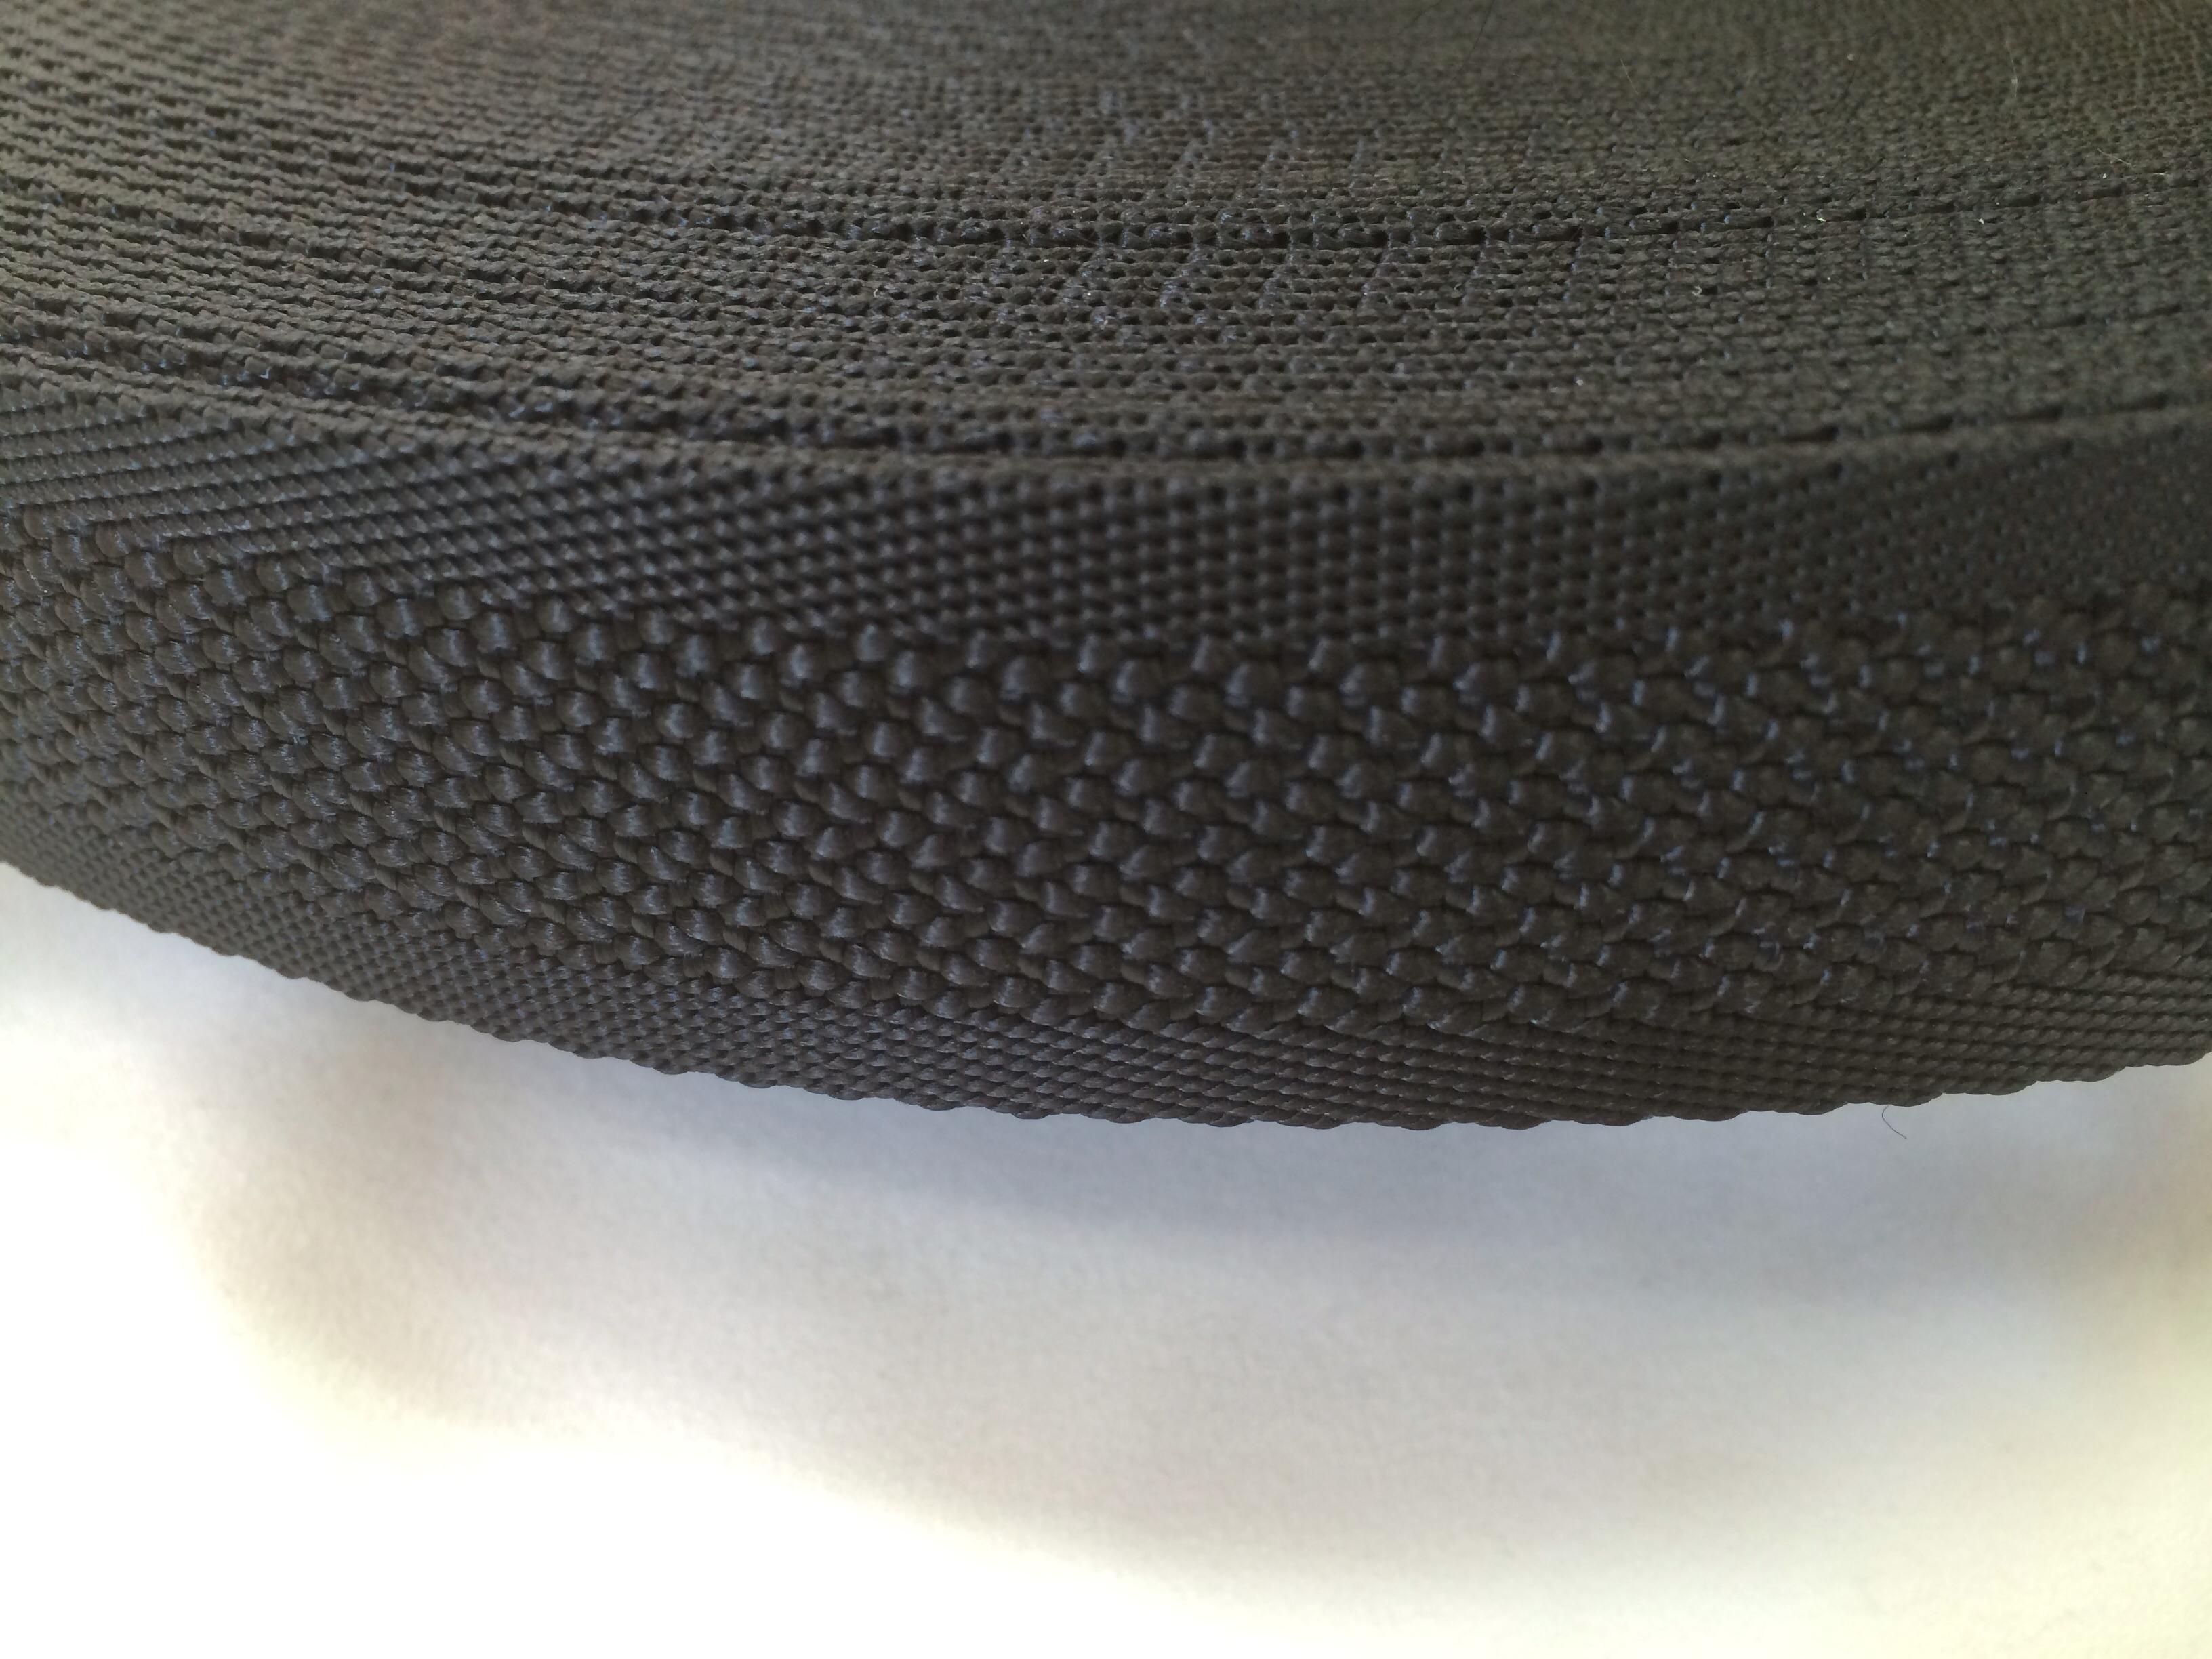 ナイロンテープ  中乱織  30mm幅  1.5mm厚 黒 1m